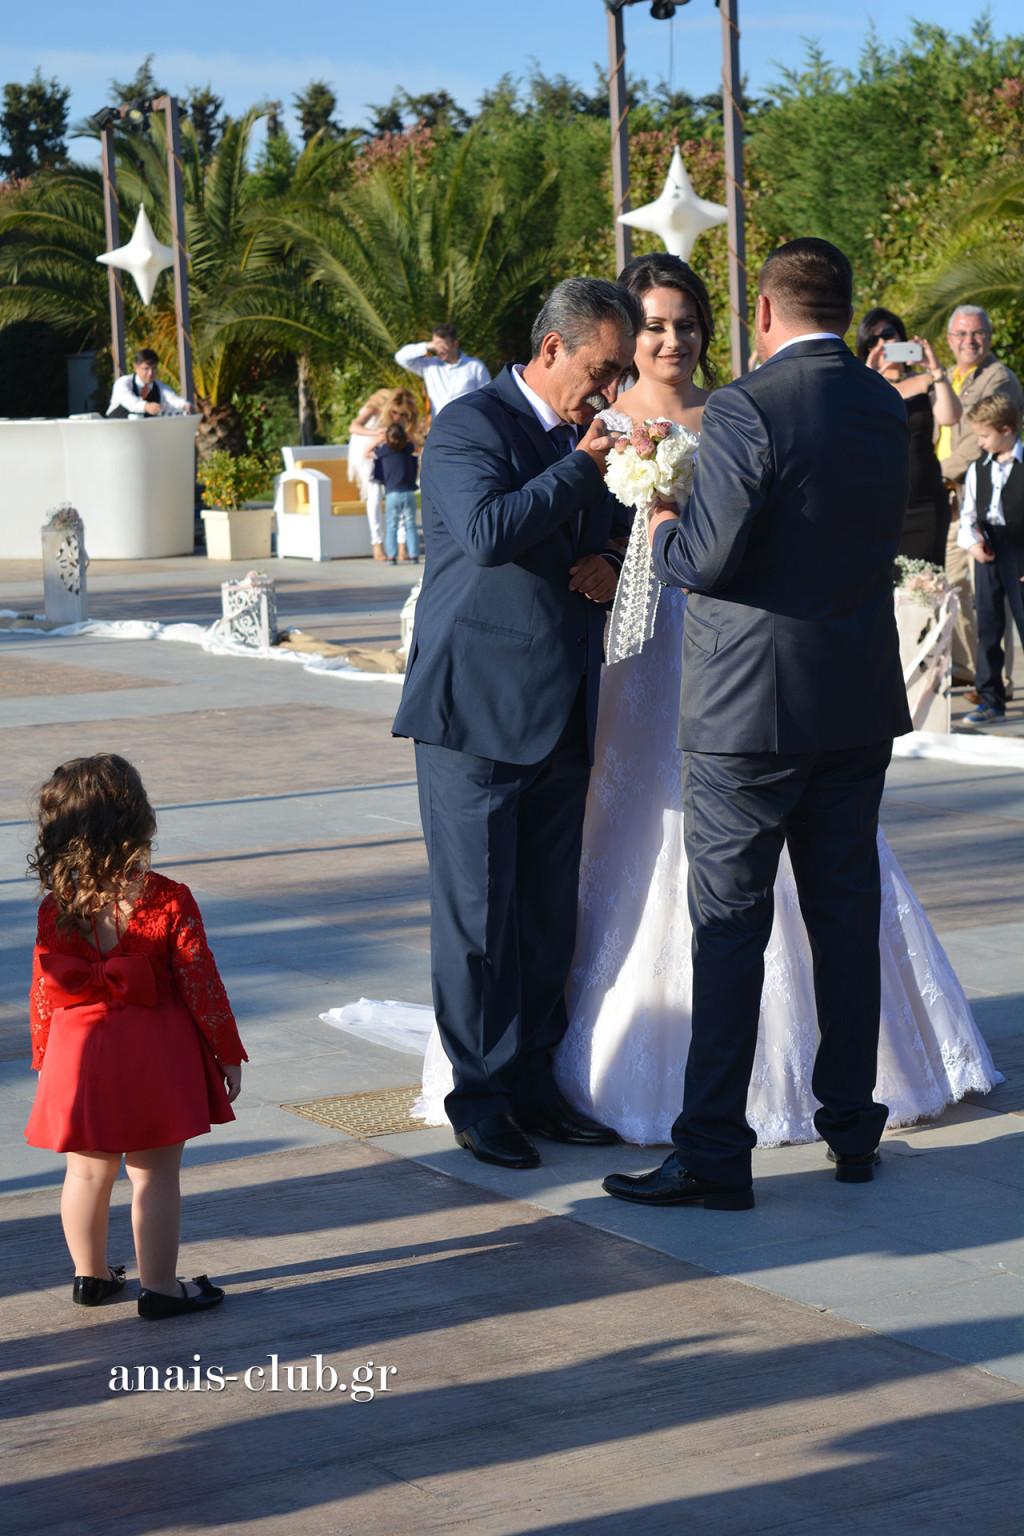 Ανεπανάληπτη στιγμή η ώρα της παράδοσης της νύφης από τον πατέρα της. Τόσο τρυφερή στιγμή και με τόσο έντονη συγκίνηση!